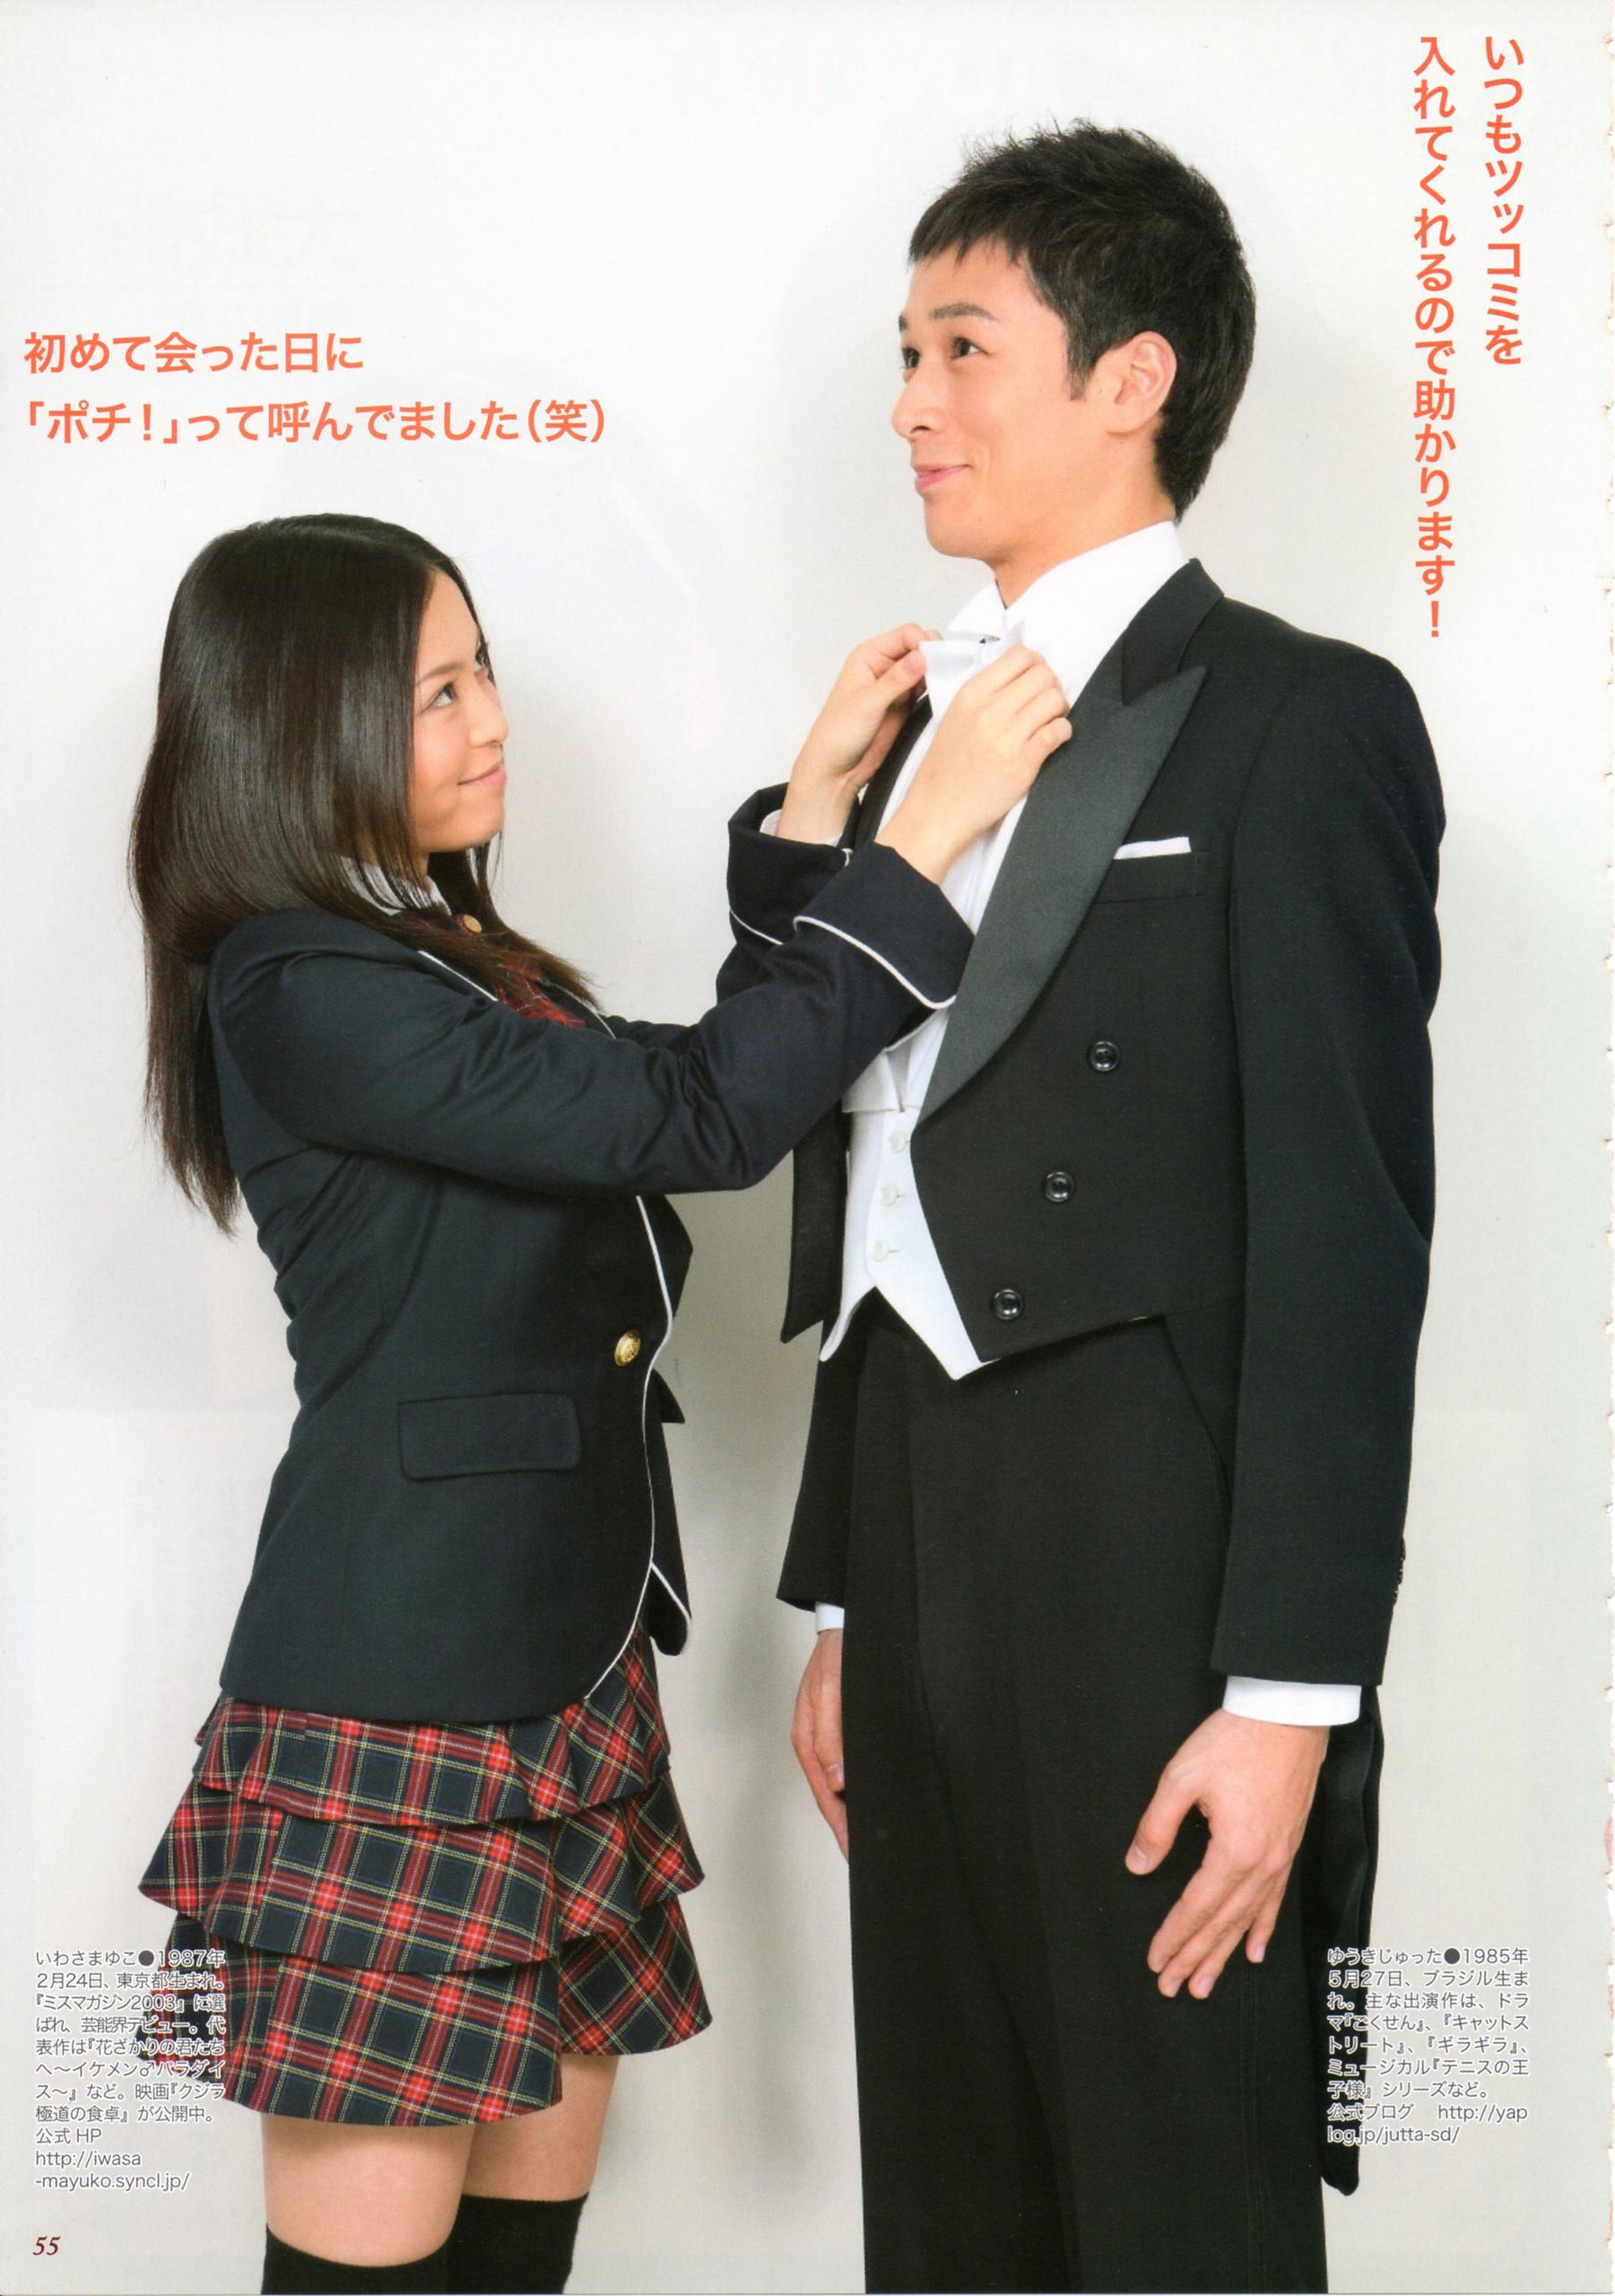 Mei-chan no Shitsuji (j-drama) images Mei-chan no Shitsuji ...